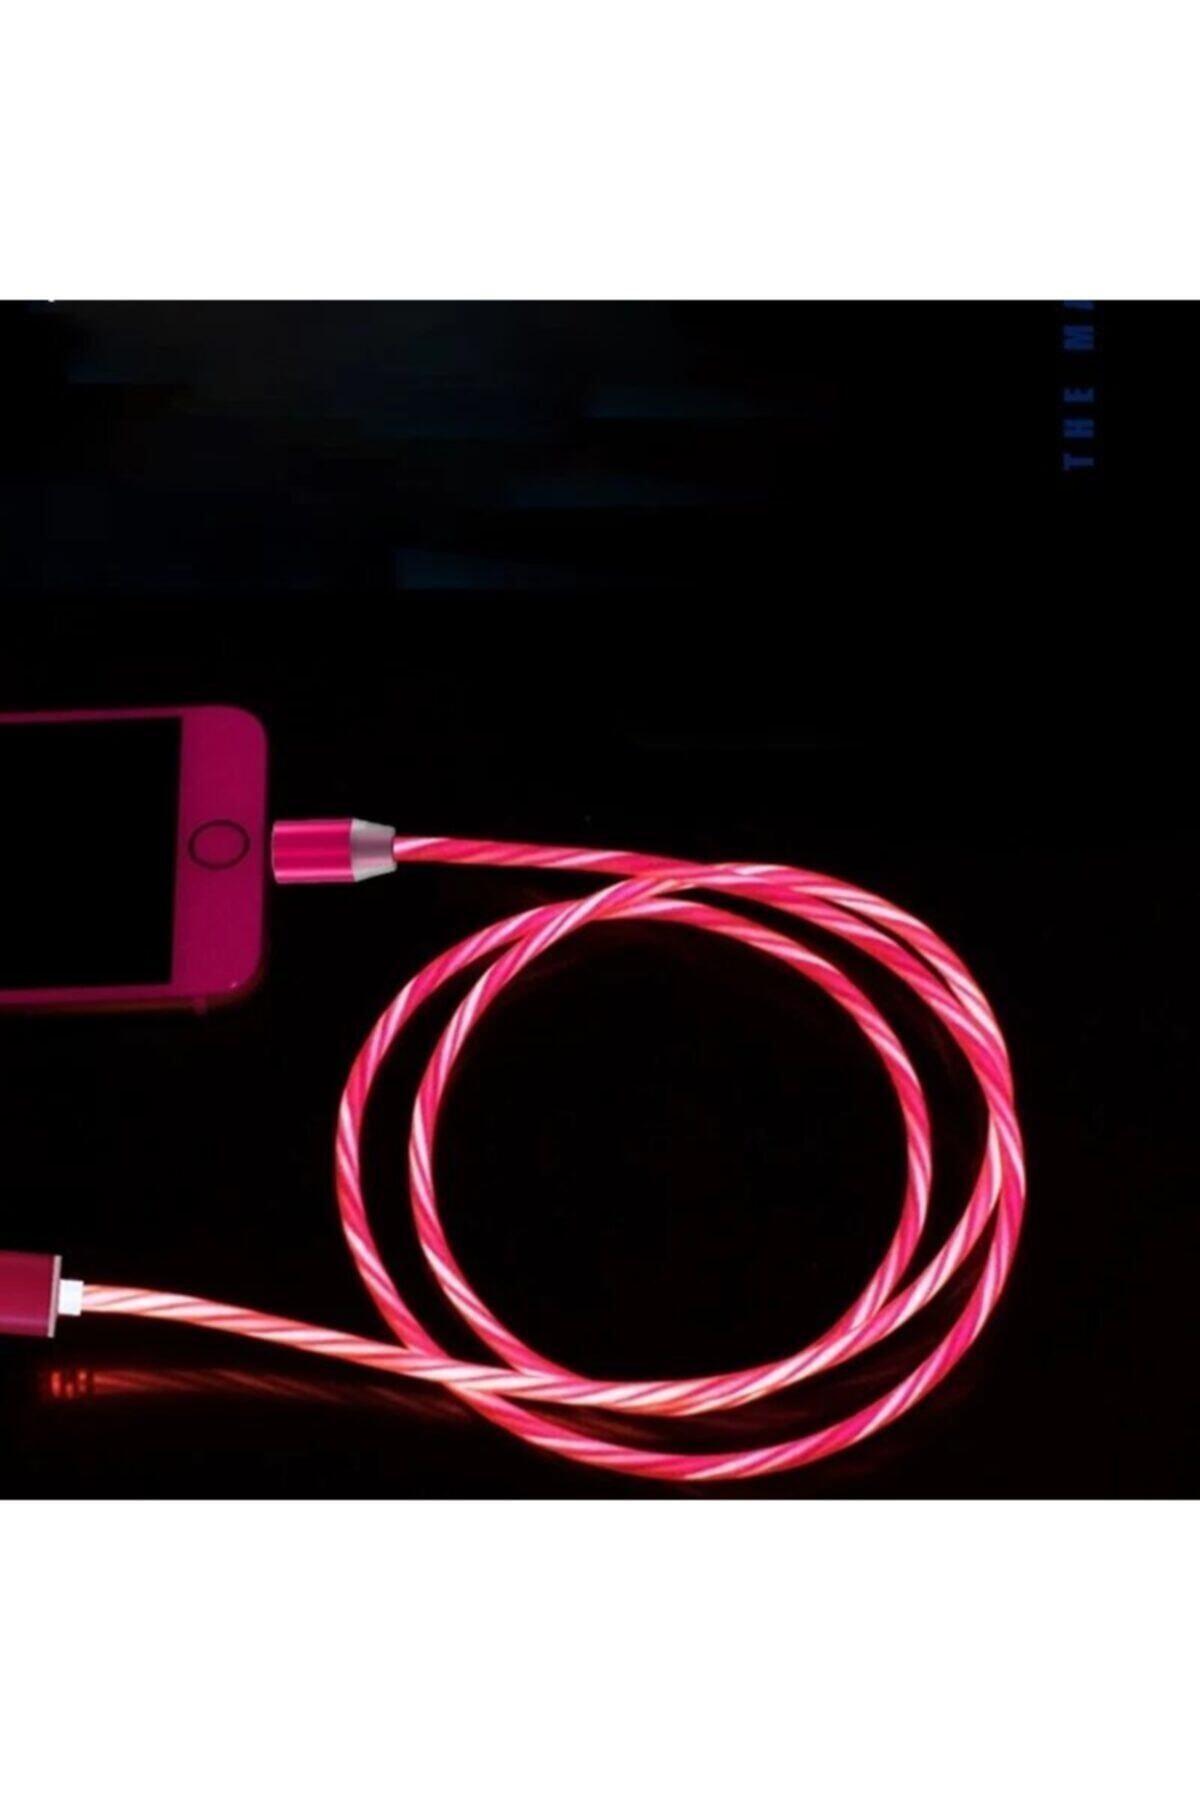 Elmas Micro Usb Full Işıklı Hareketli Manyetik Mıknatıslı Şarj Aleti Sarj Kablosu Kırmızı Işıklı 1